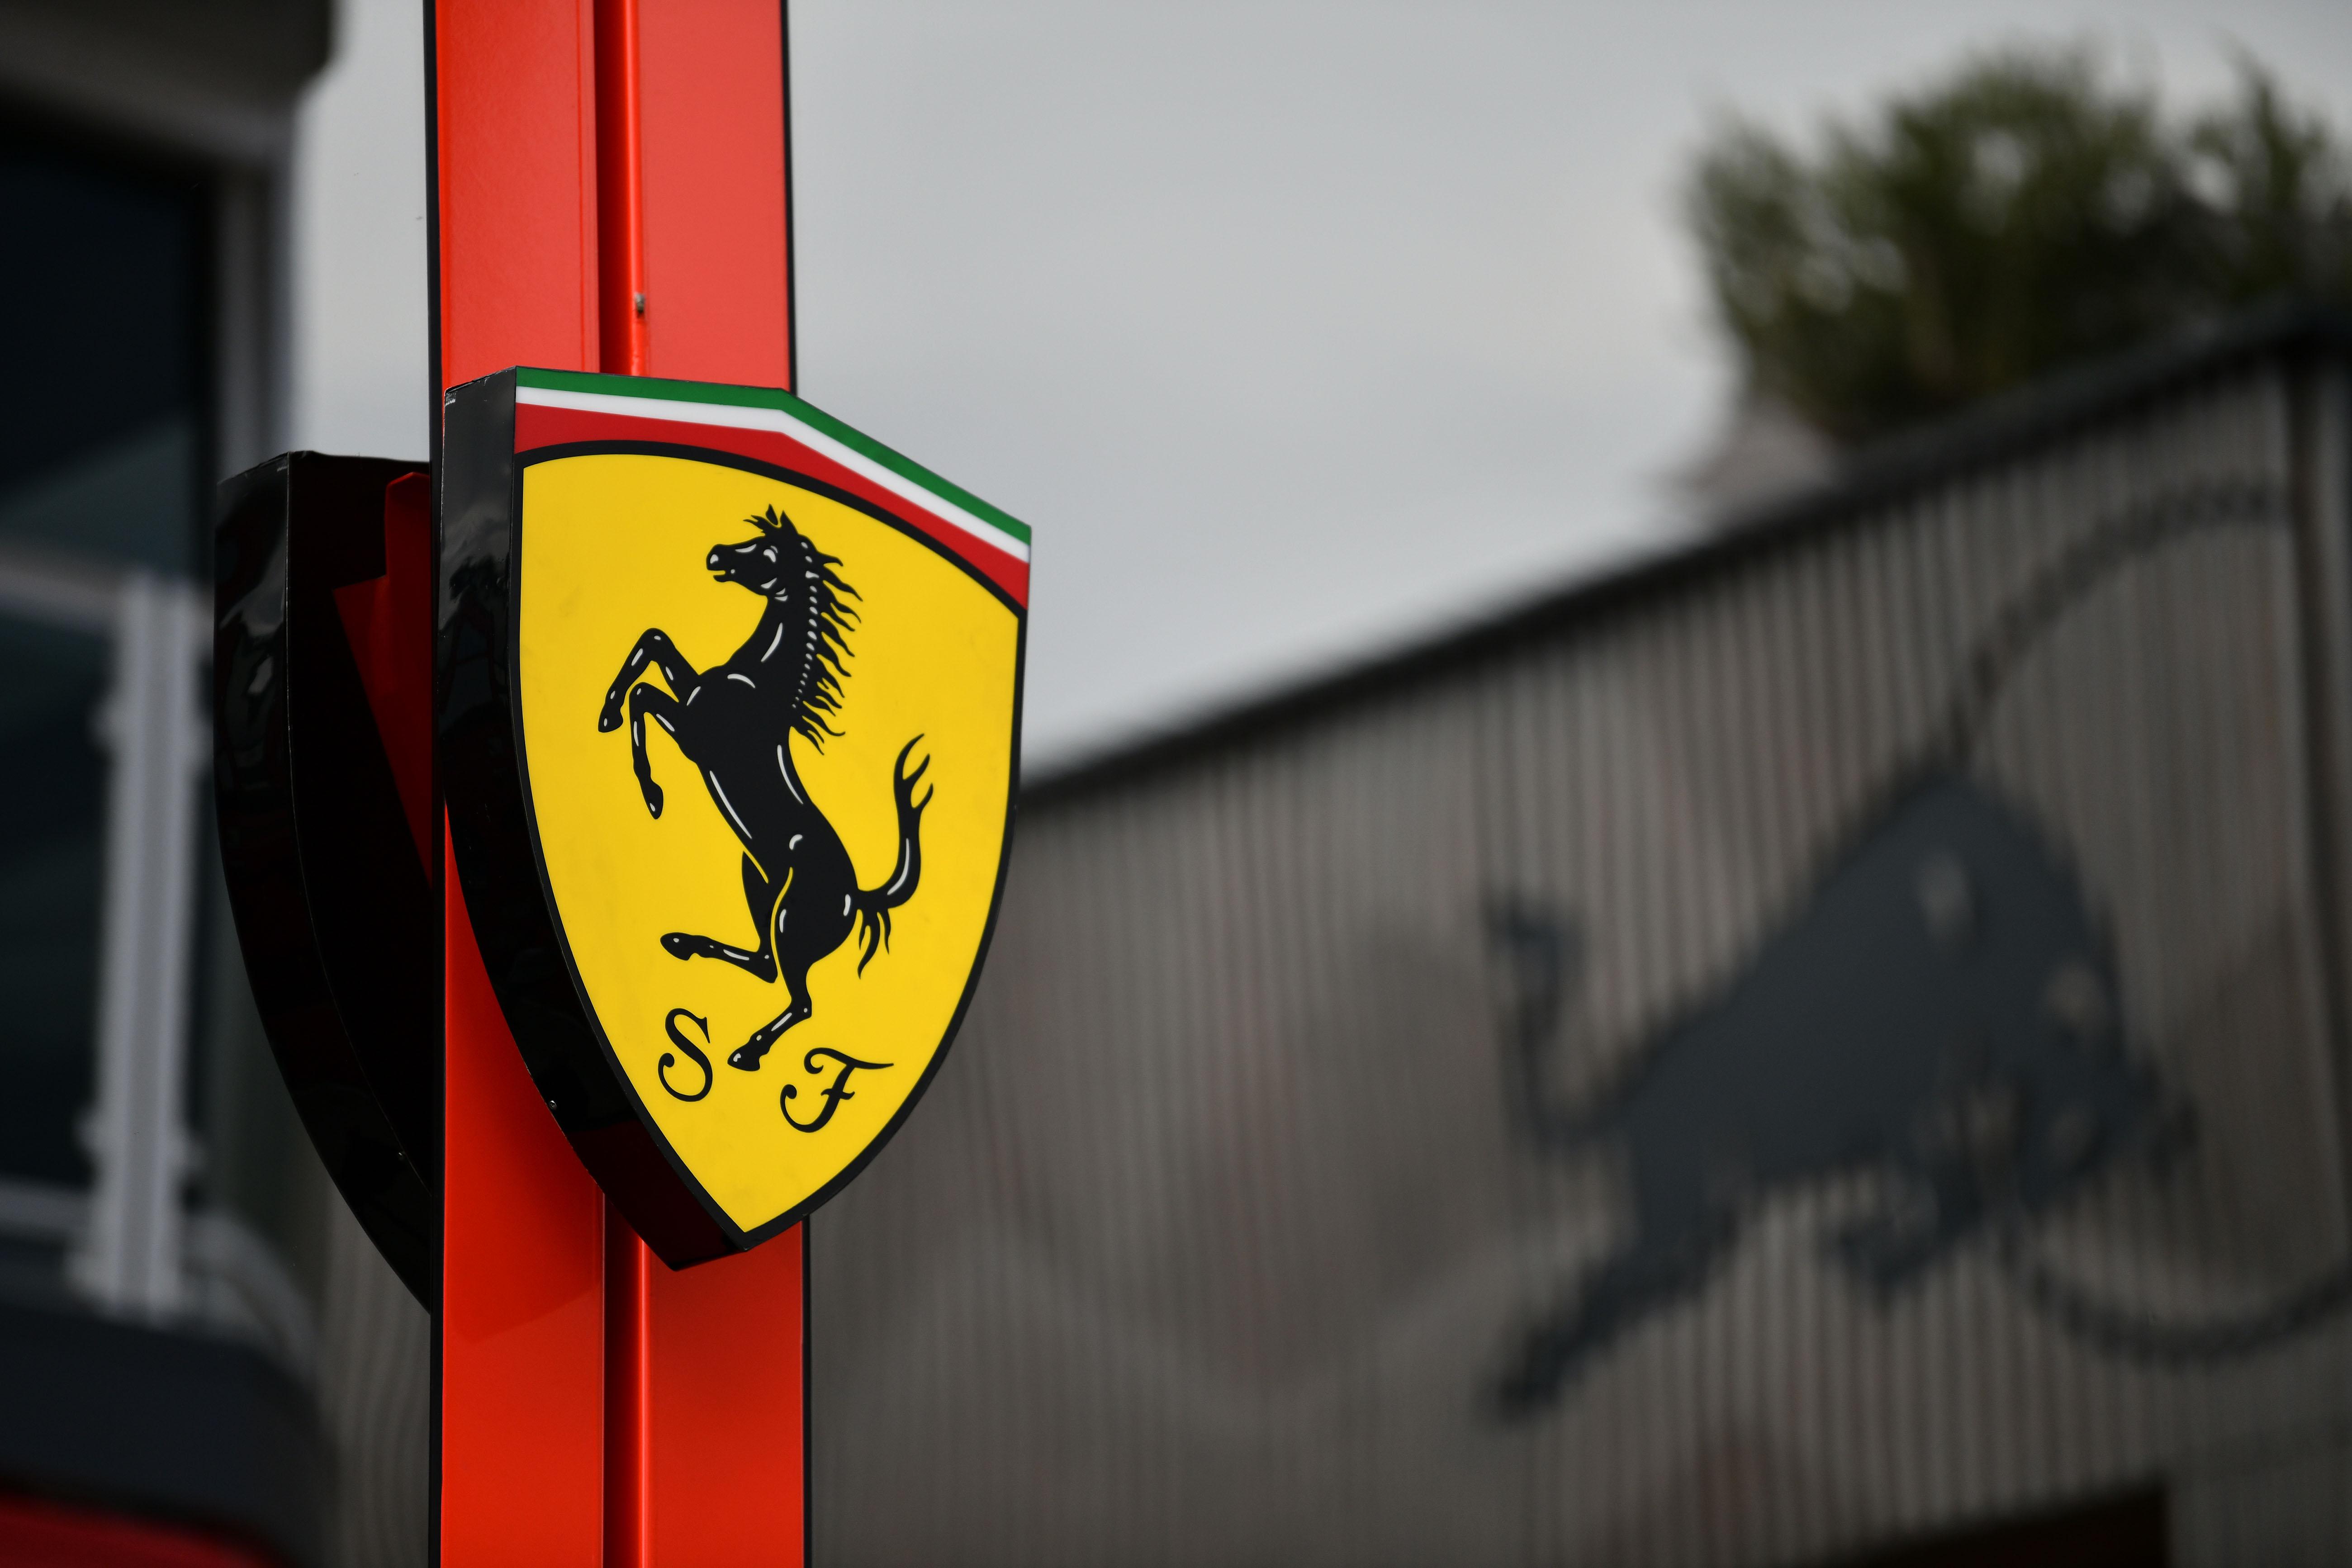 2022-től beszáll a Ferrari az IndyCarba?